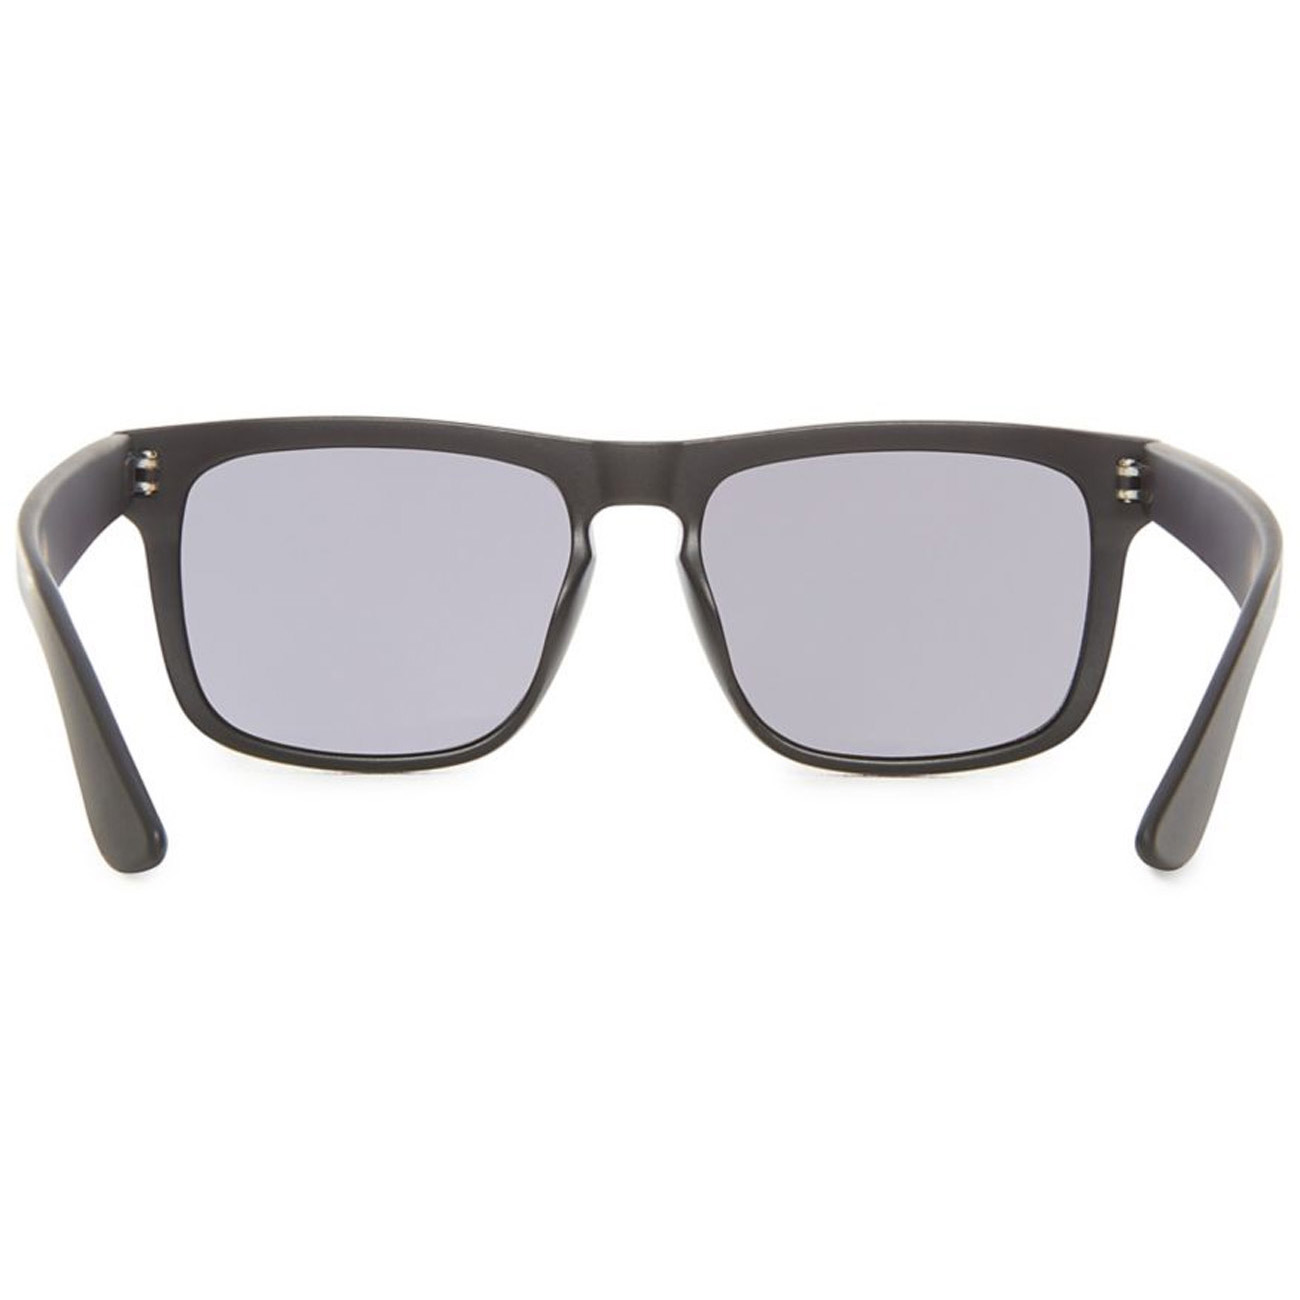 Squared Vans Mn Sonnenbrille Off Herren tqvq4S1w0